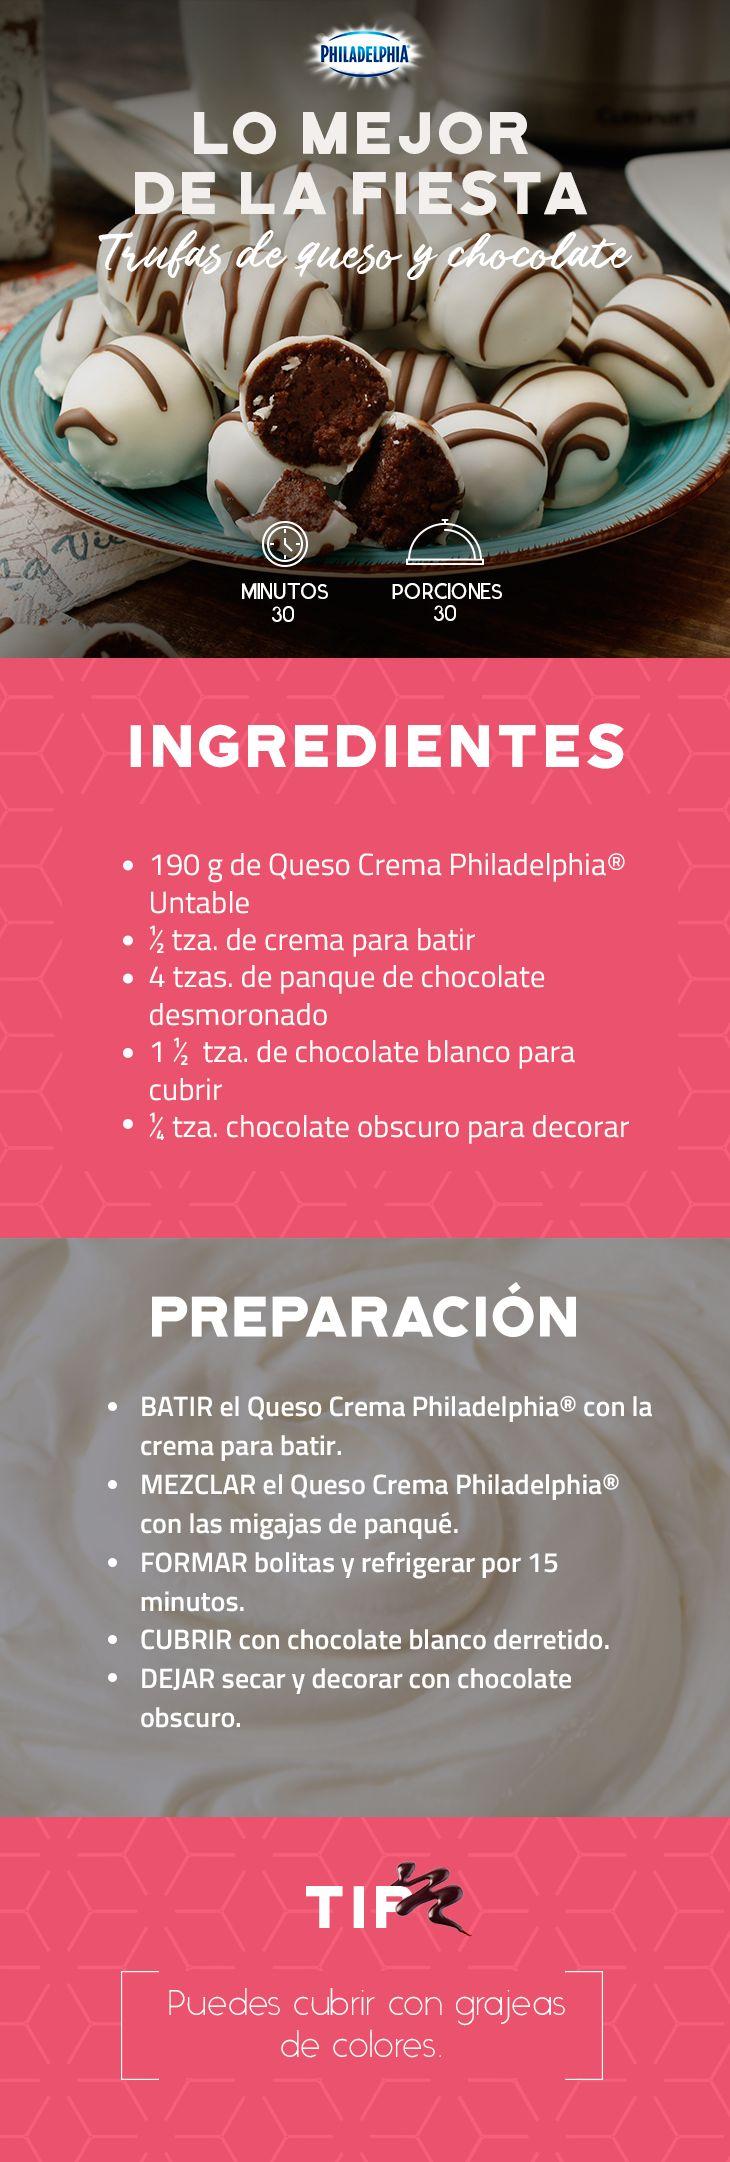 ¿Tienes algún evento próximo? Prepara estos ricos detalles de sabor a tus invitados quedaran encantados #recetas